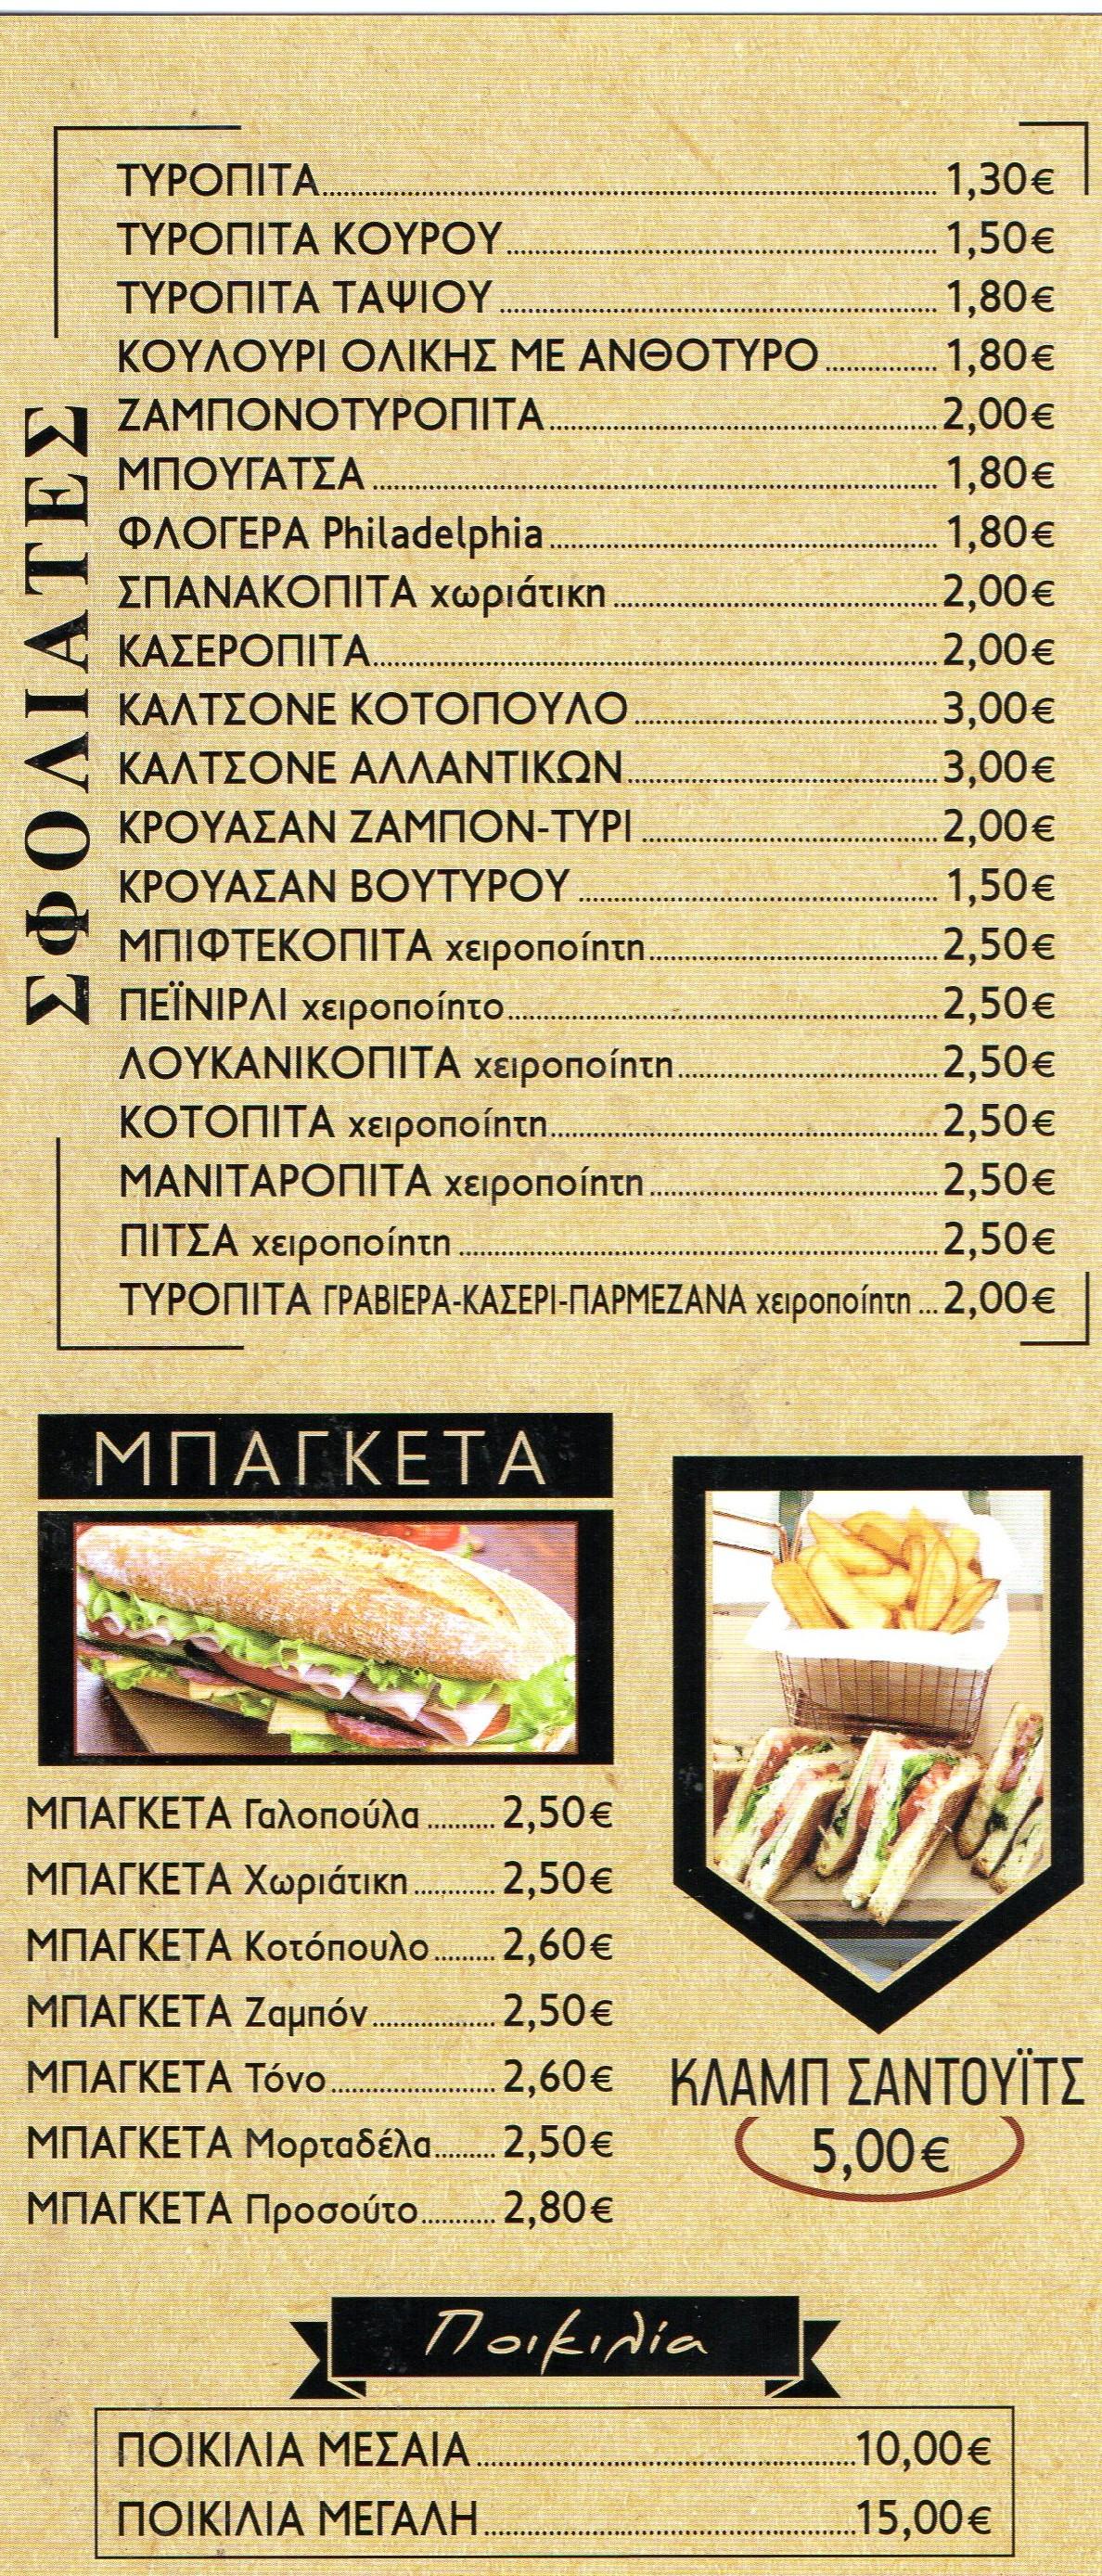 Για σφολιάτες, σαλάτες, σάντουιτς, κρέπες καφέ «Μαυροειδής» delivery και στην Καλαμάτα